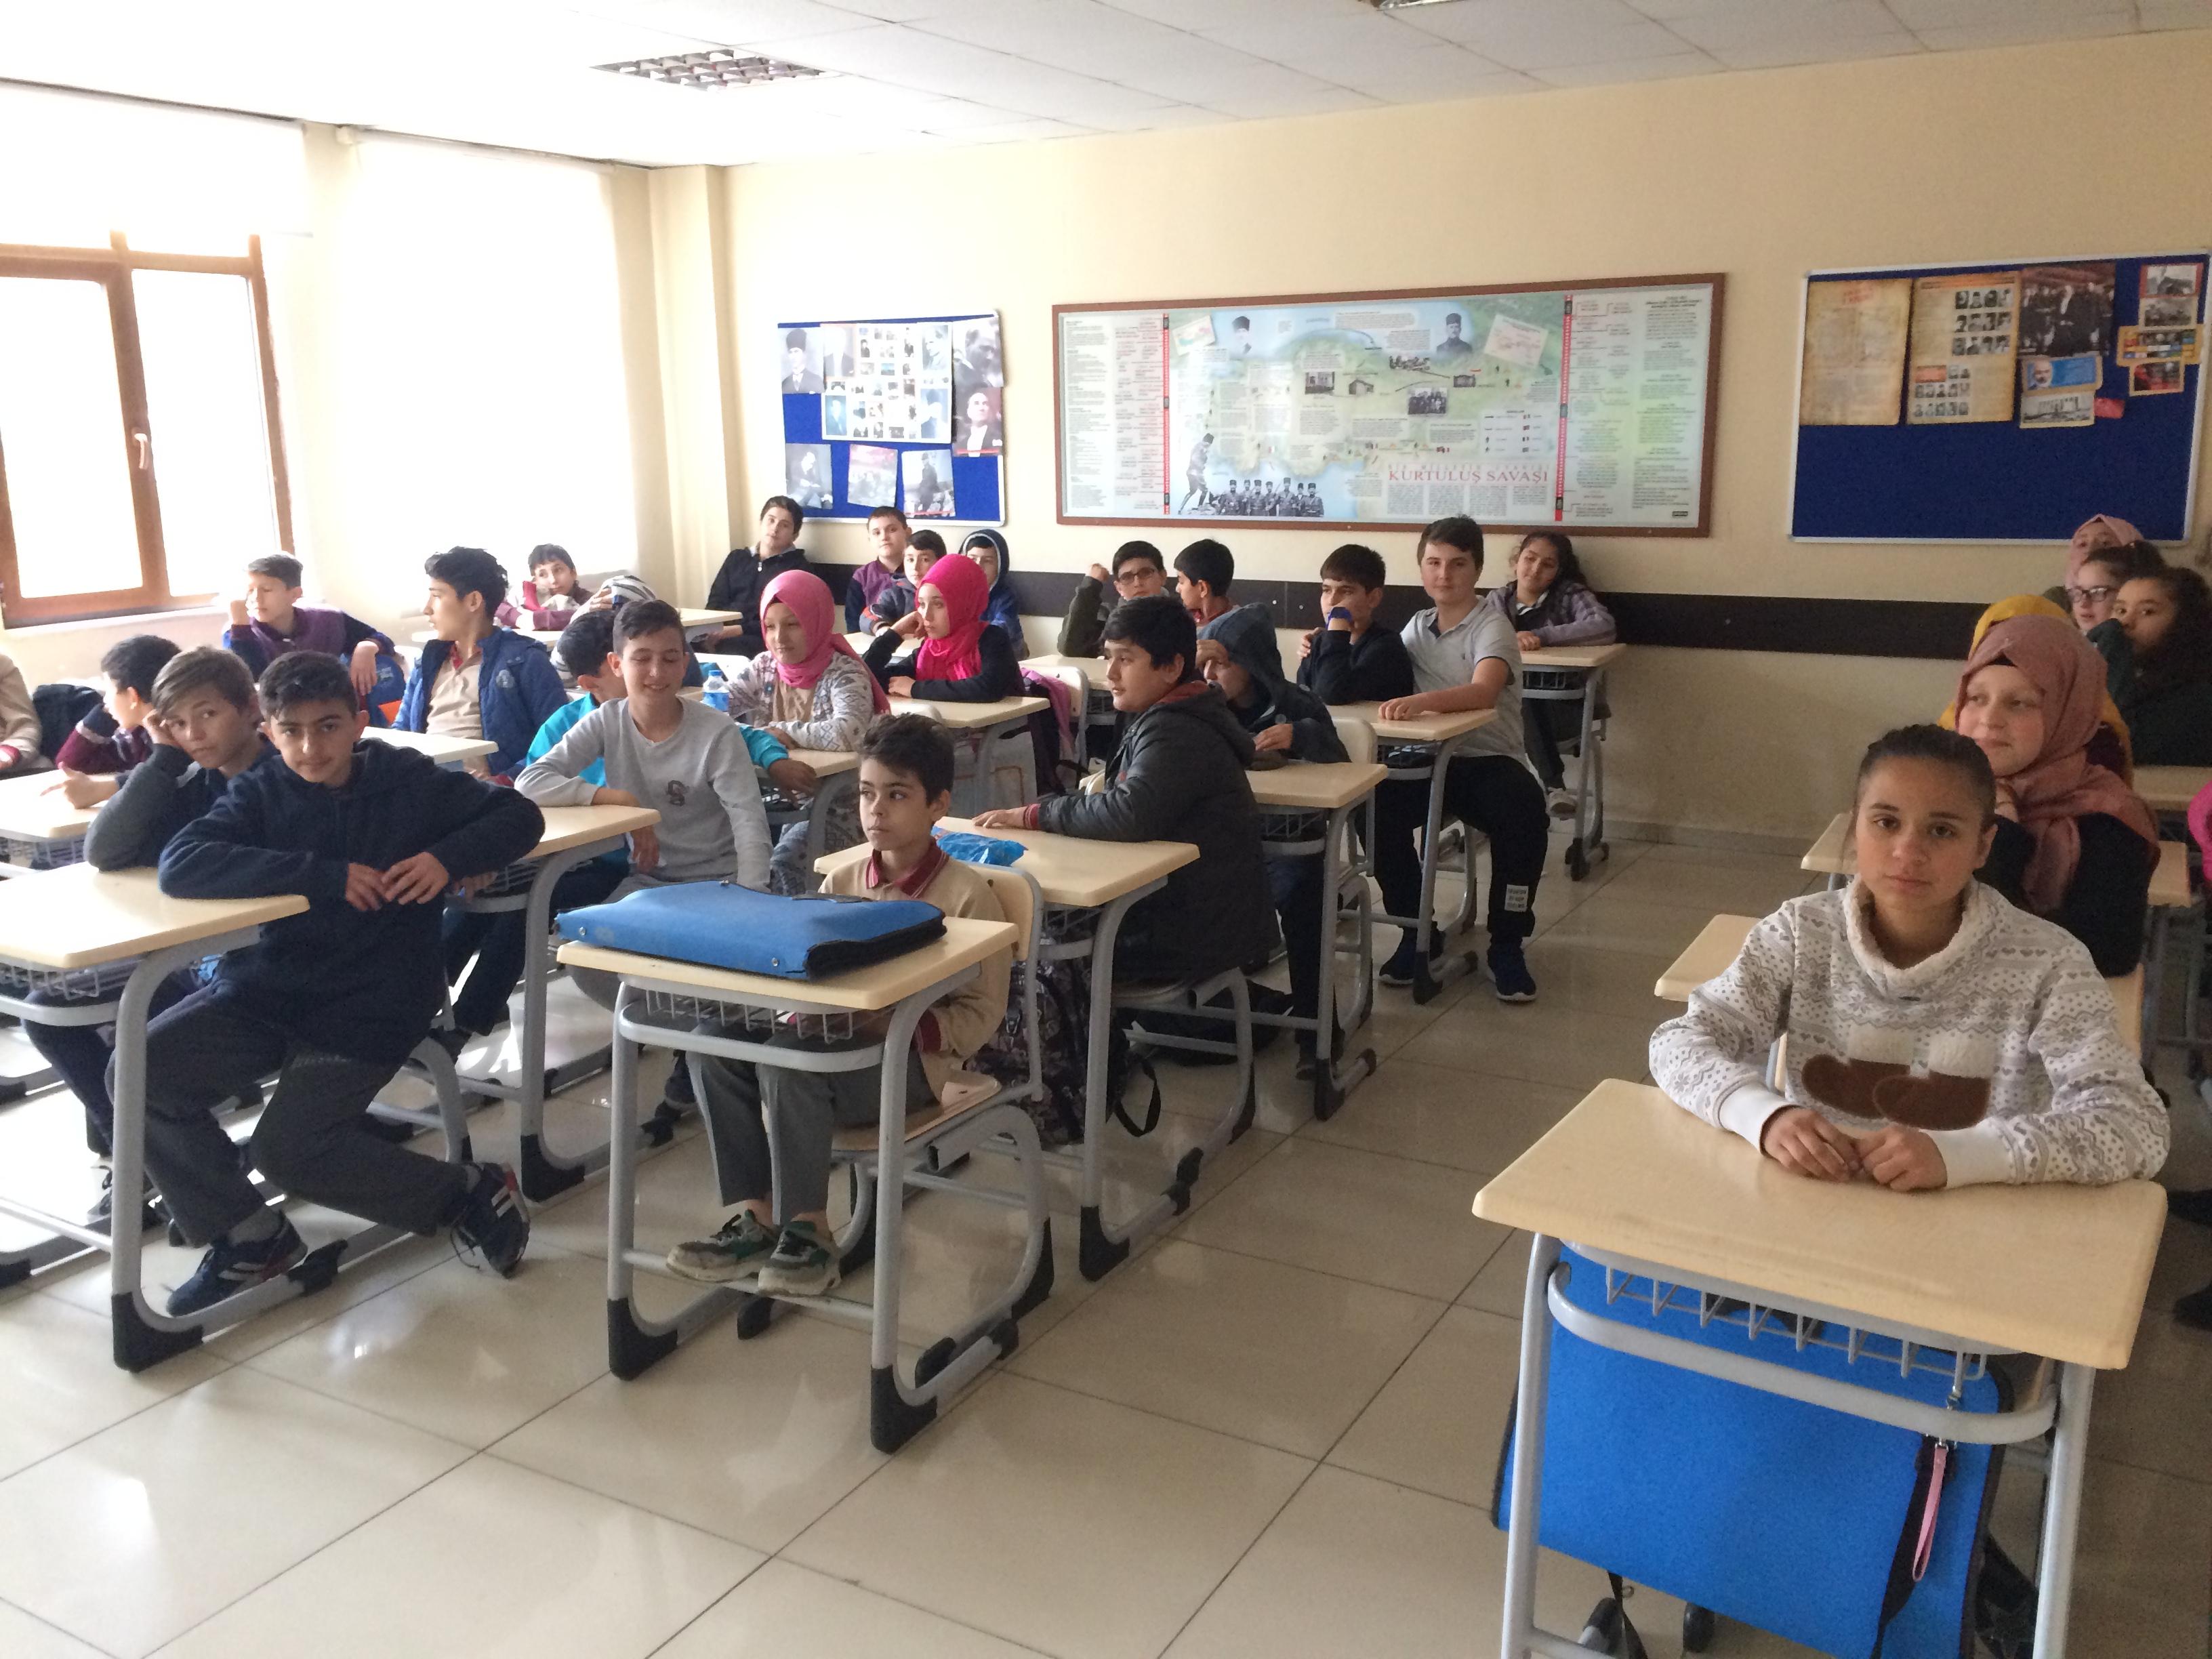 Ulus Merkez İmam Hatip Ortaokulu'nda Sıfır Atık Konulu Eğitim Verildi